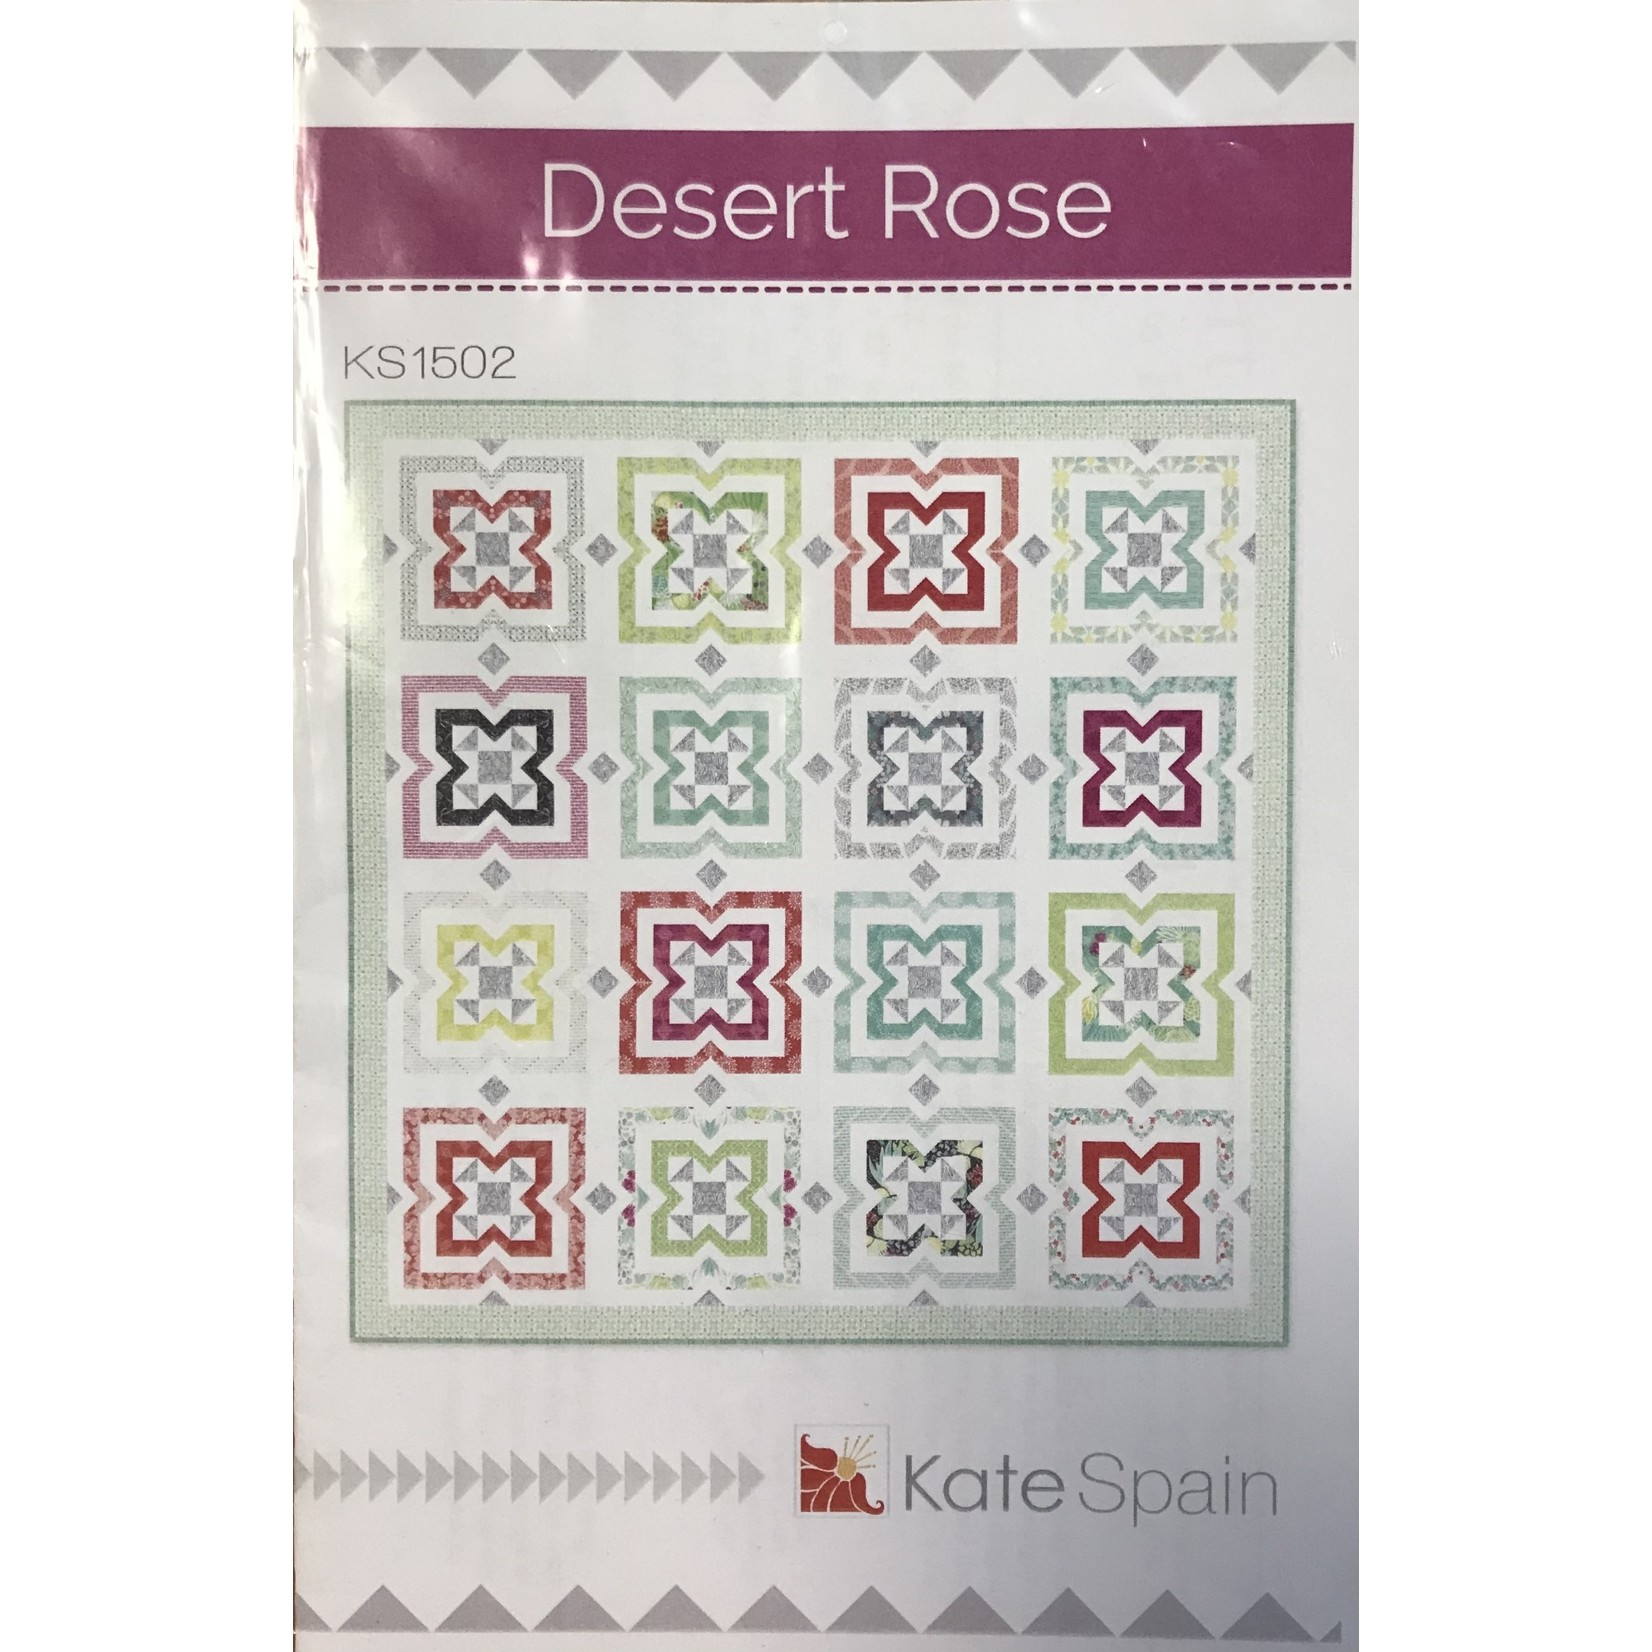 Kate Spain DESERT ROSE PATTERN